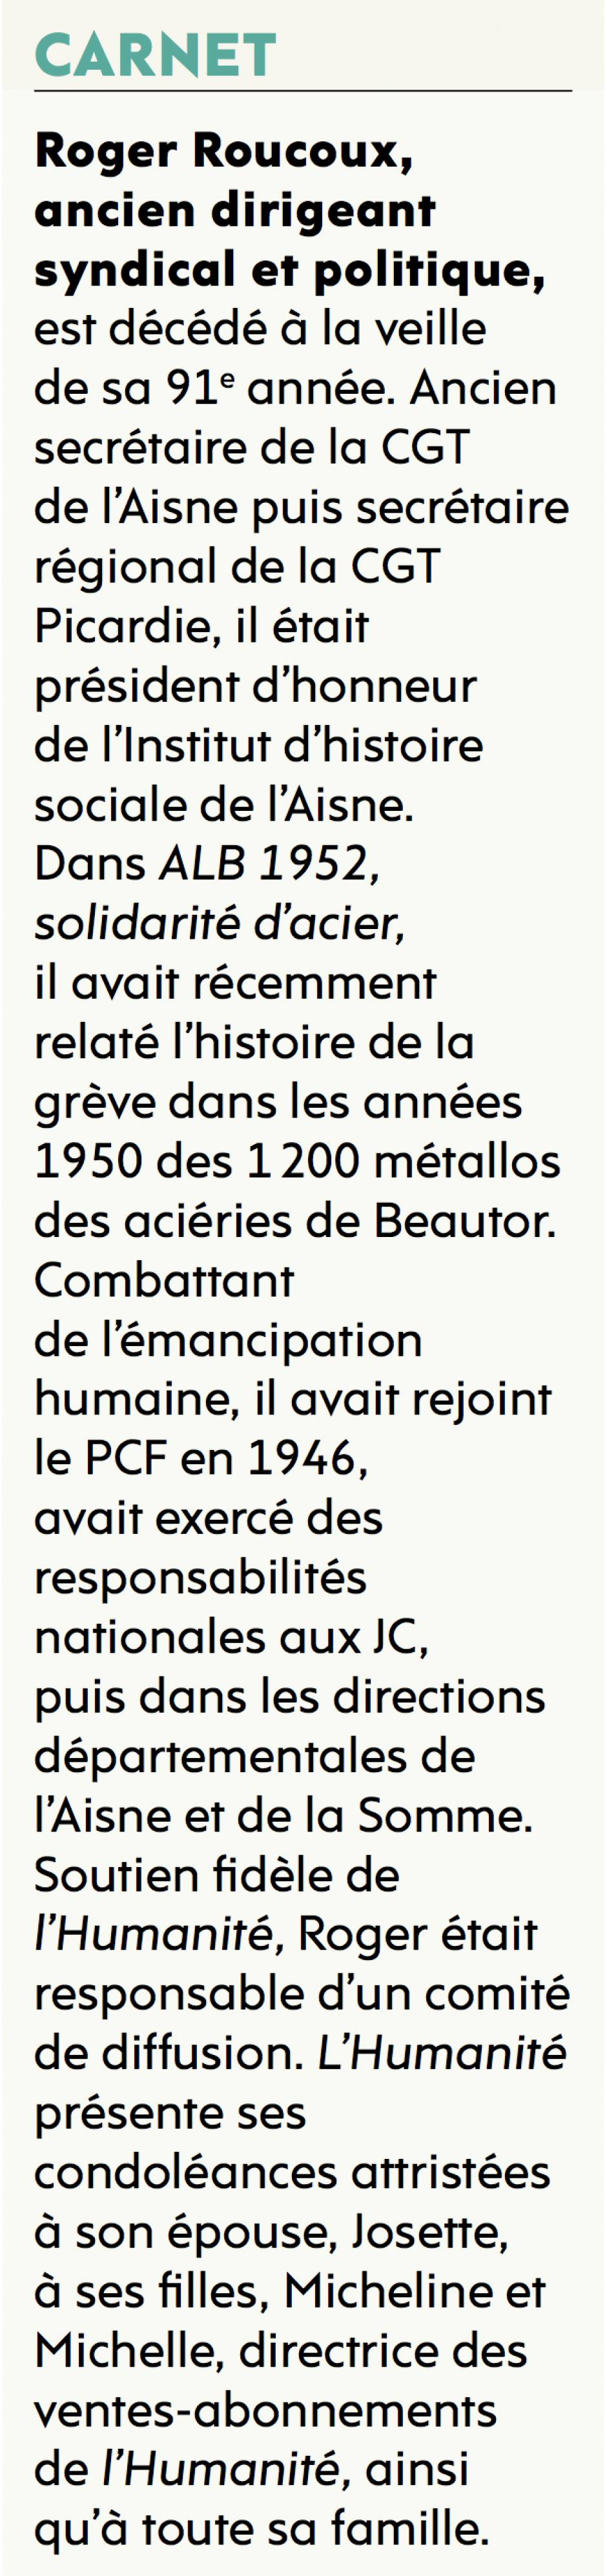 20161114-L'Huma-Picardie-Roger Roucoux, ancien dirigeant syndical et politique, est décédé